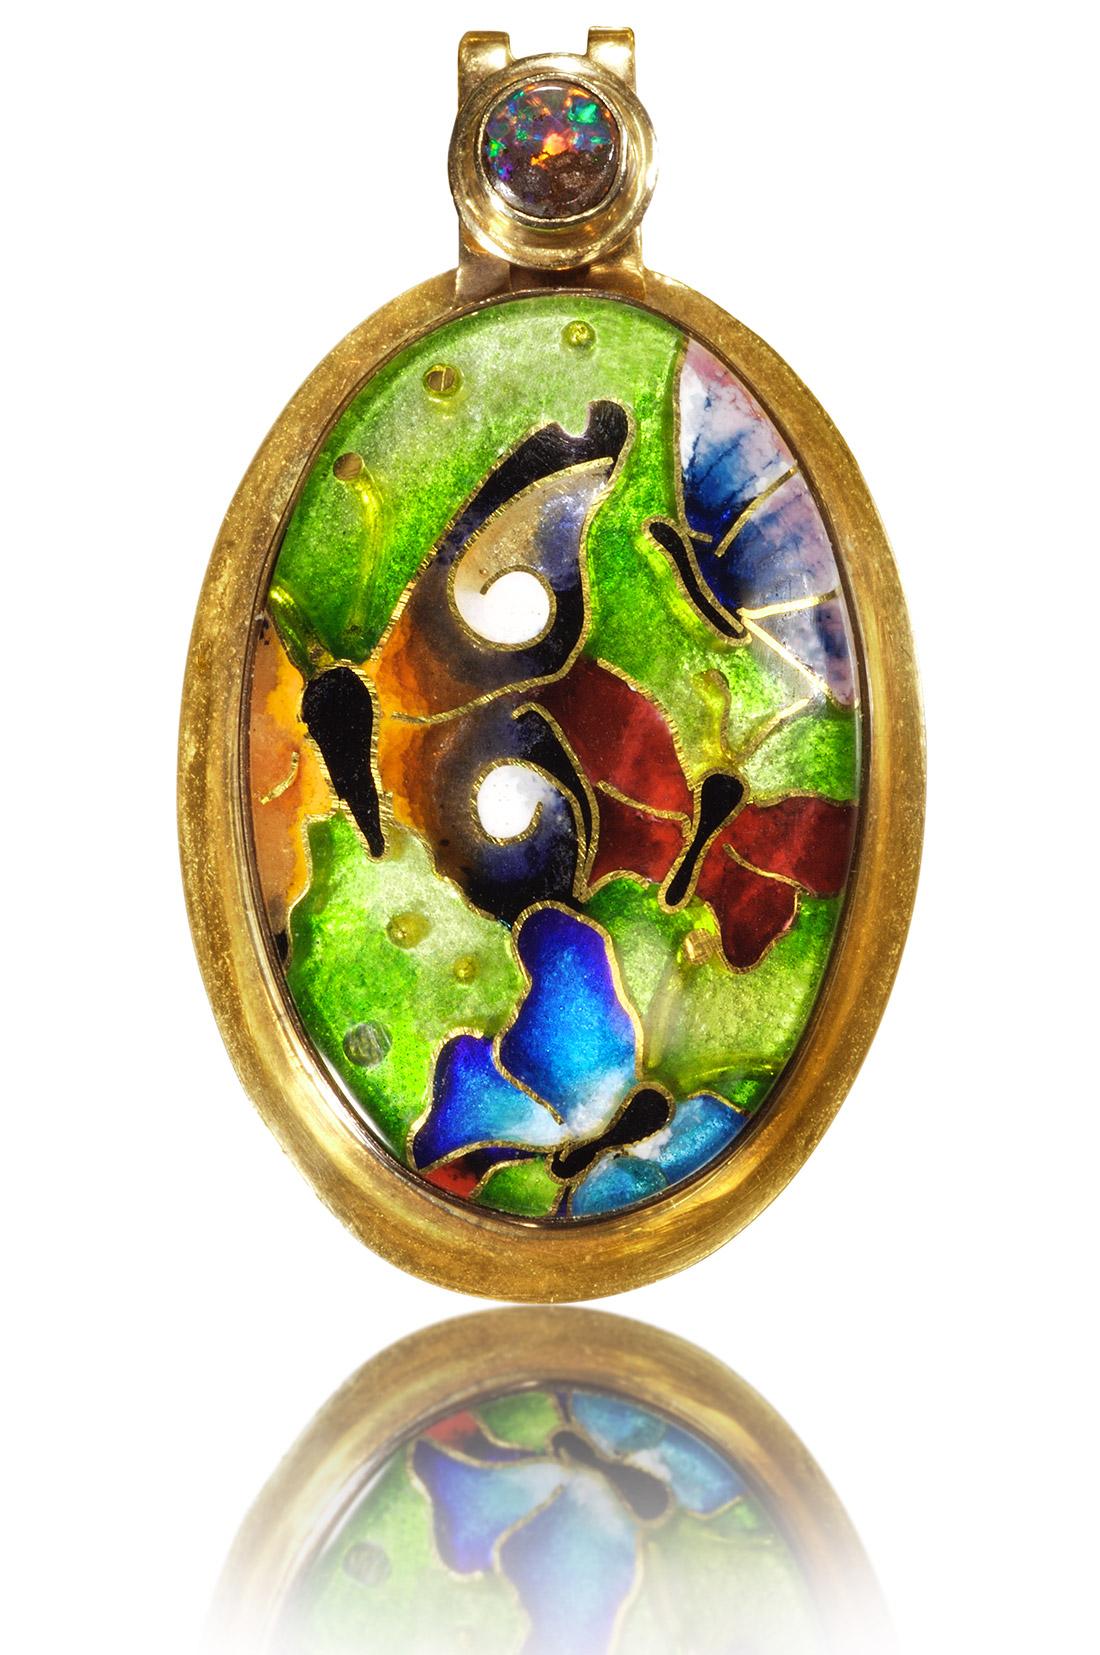 Cloisonne Jewelry | Butterfly | Enamel Jewelry created by Patsy Croft